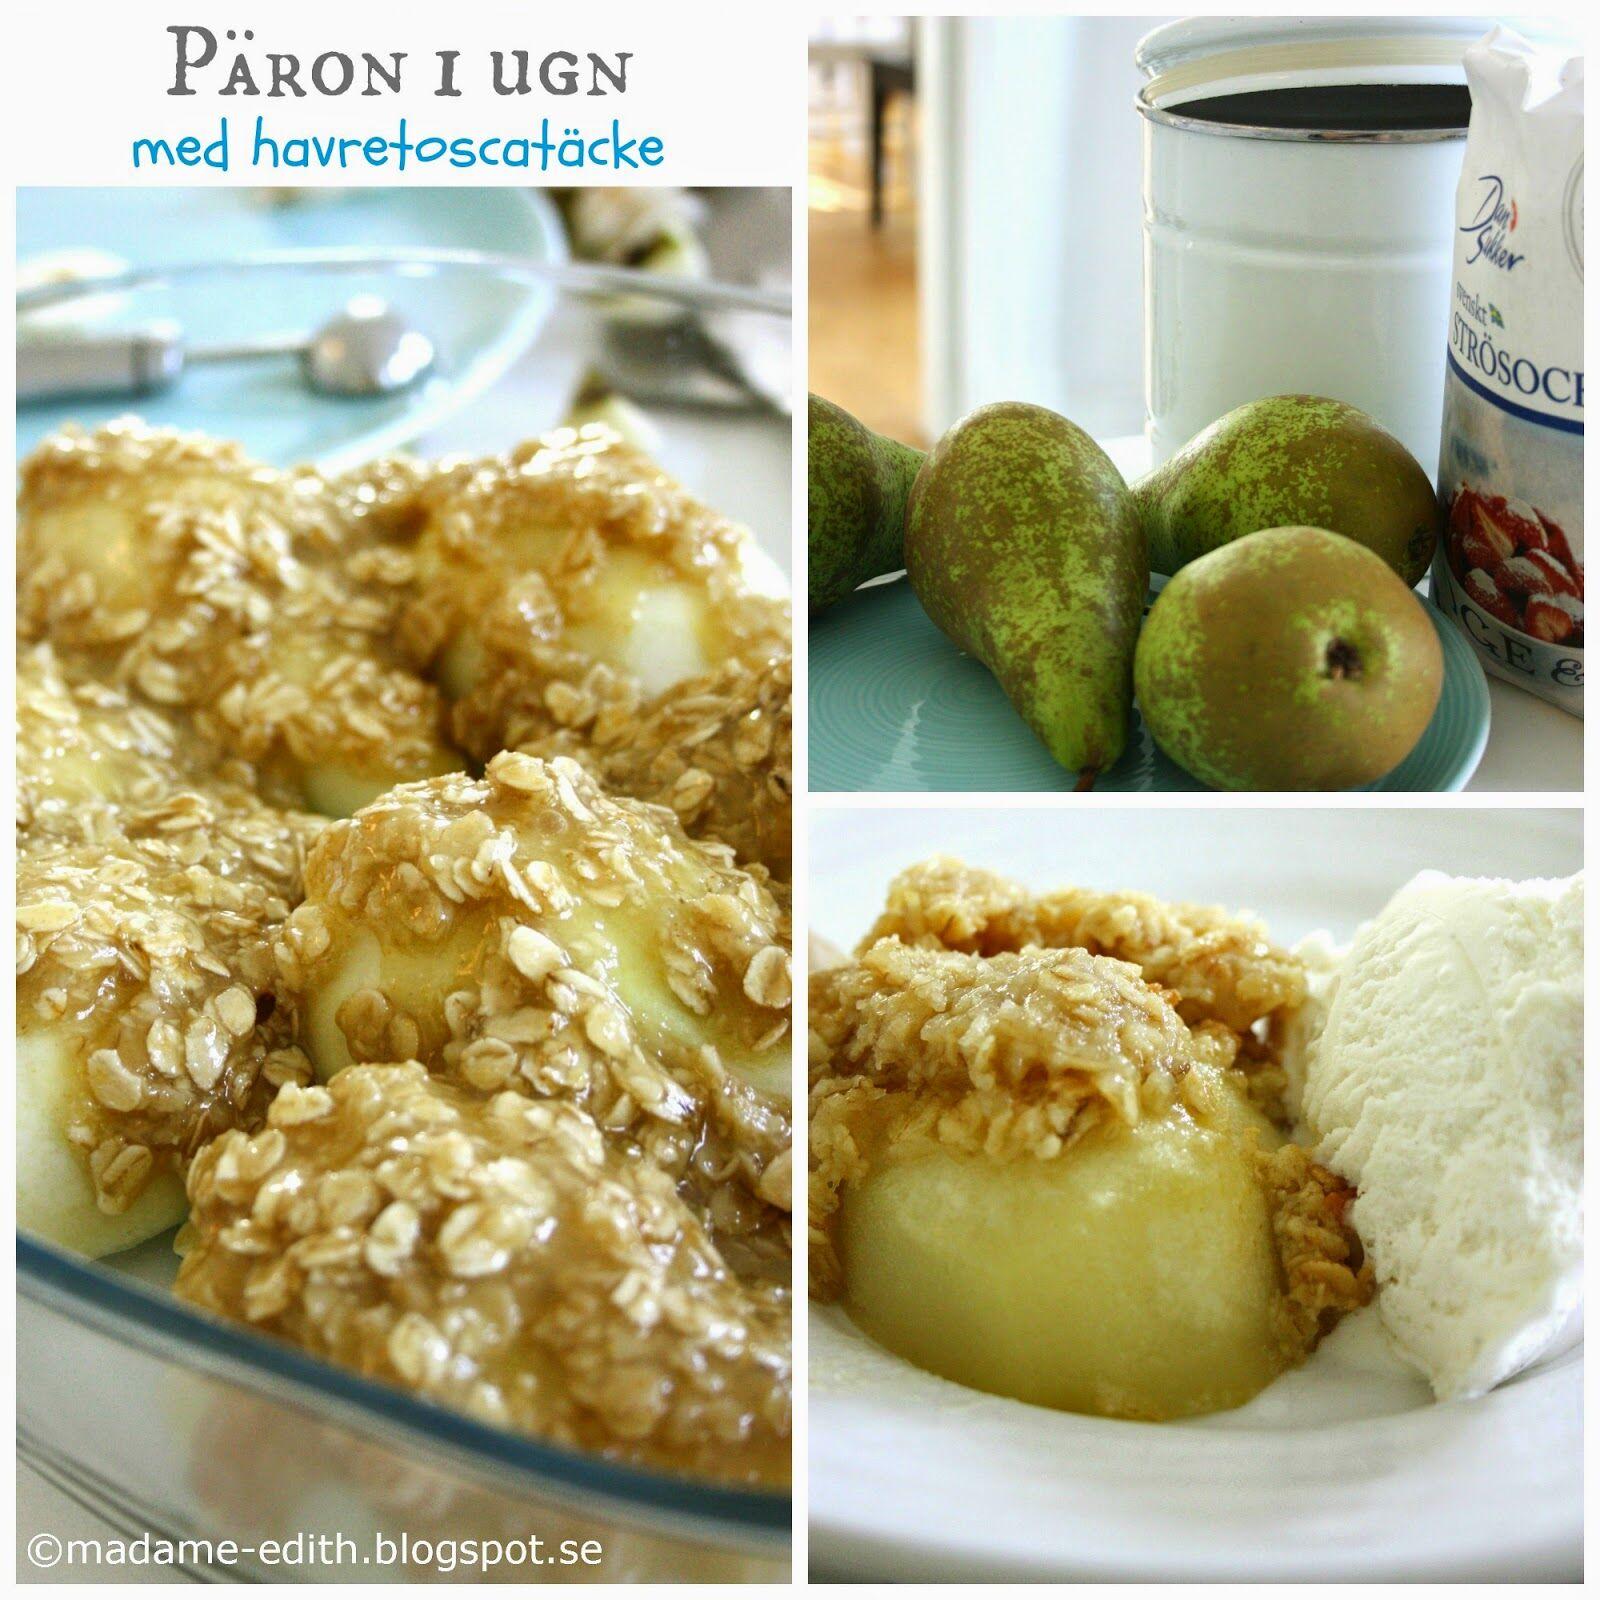 päron i ugn